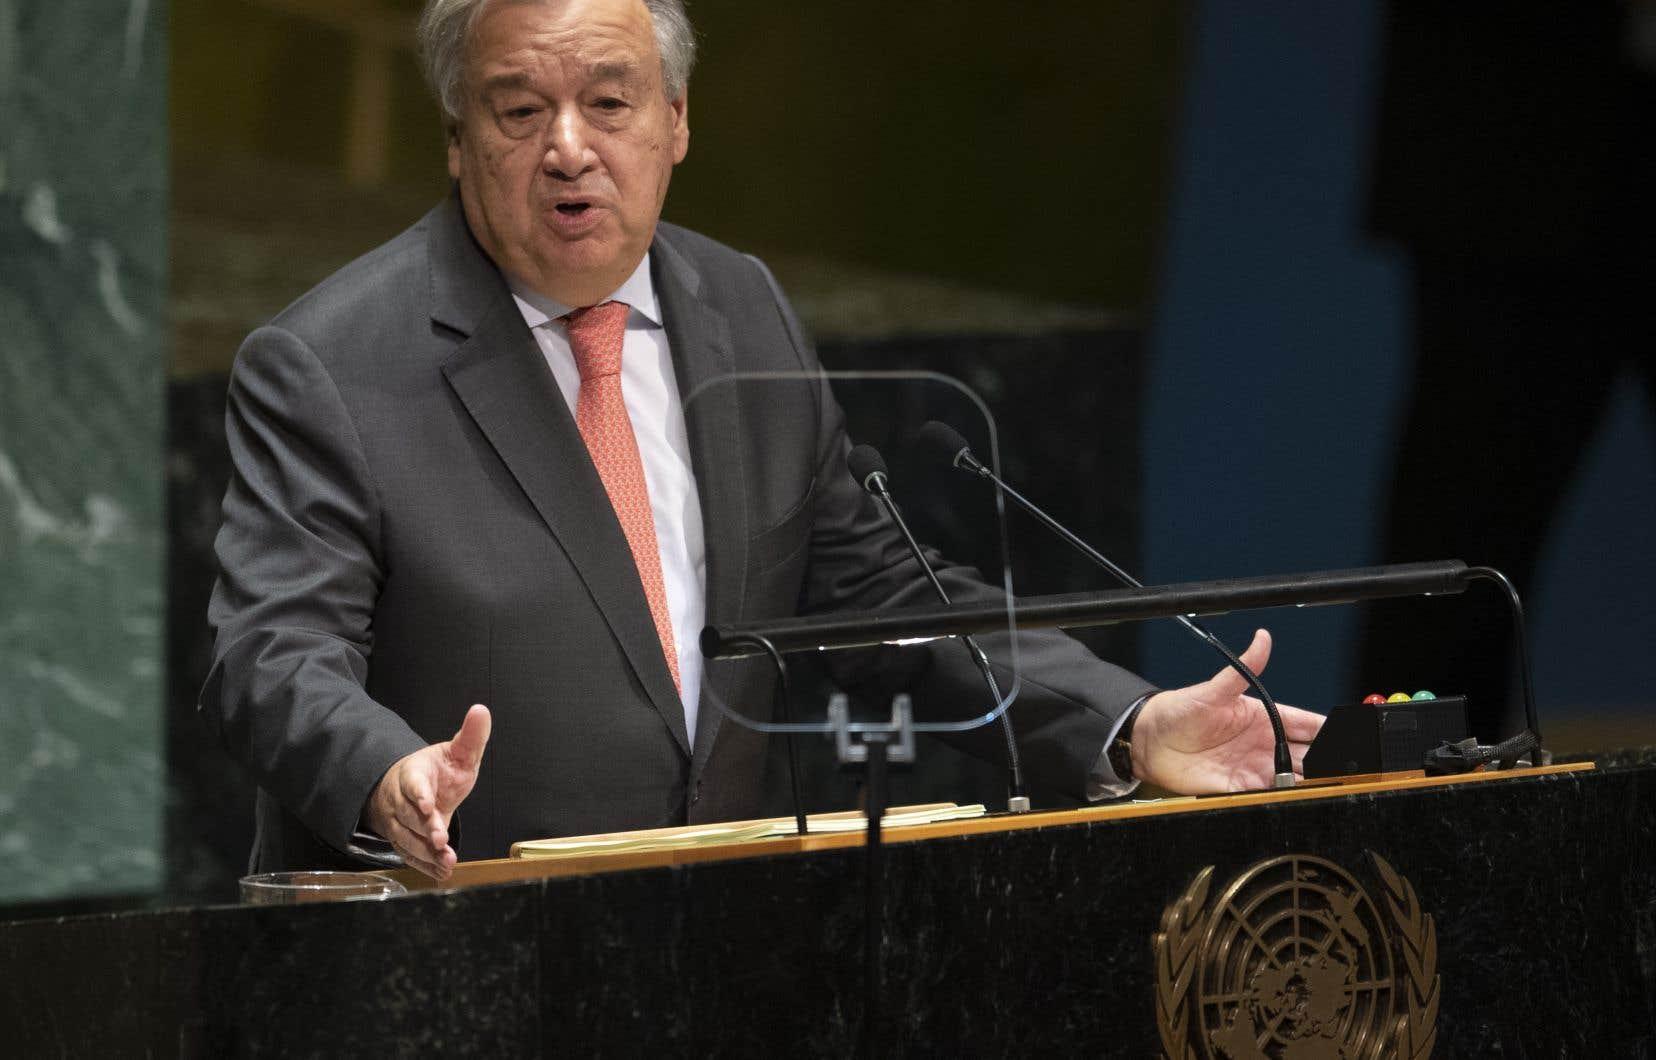 Dans un communiqué émis mardi, le secrétaire général Antonio Guterres évoque «la pire crise de trésorerie des Nations unies depuis près d'une décennie».